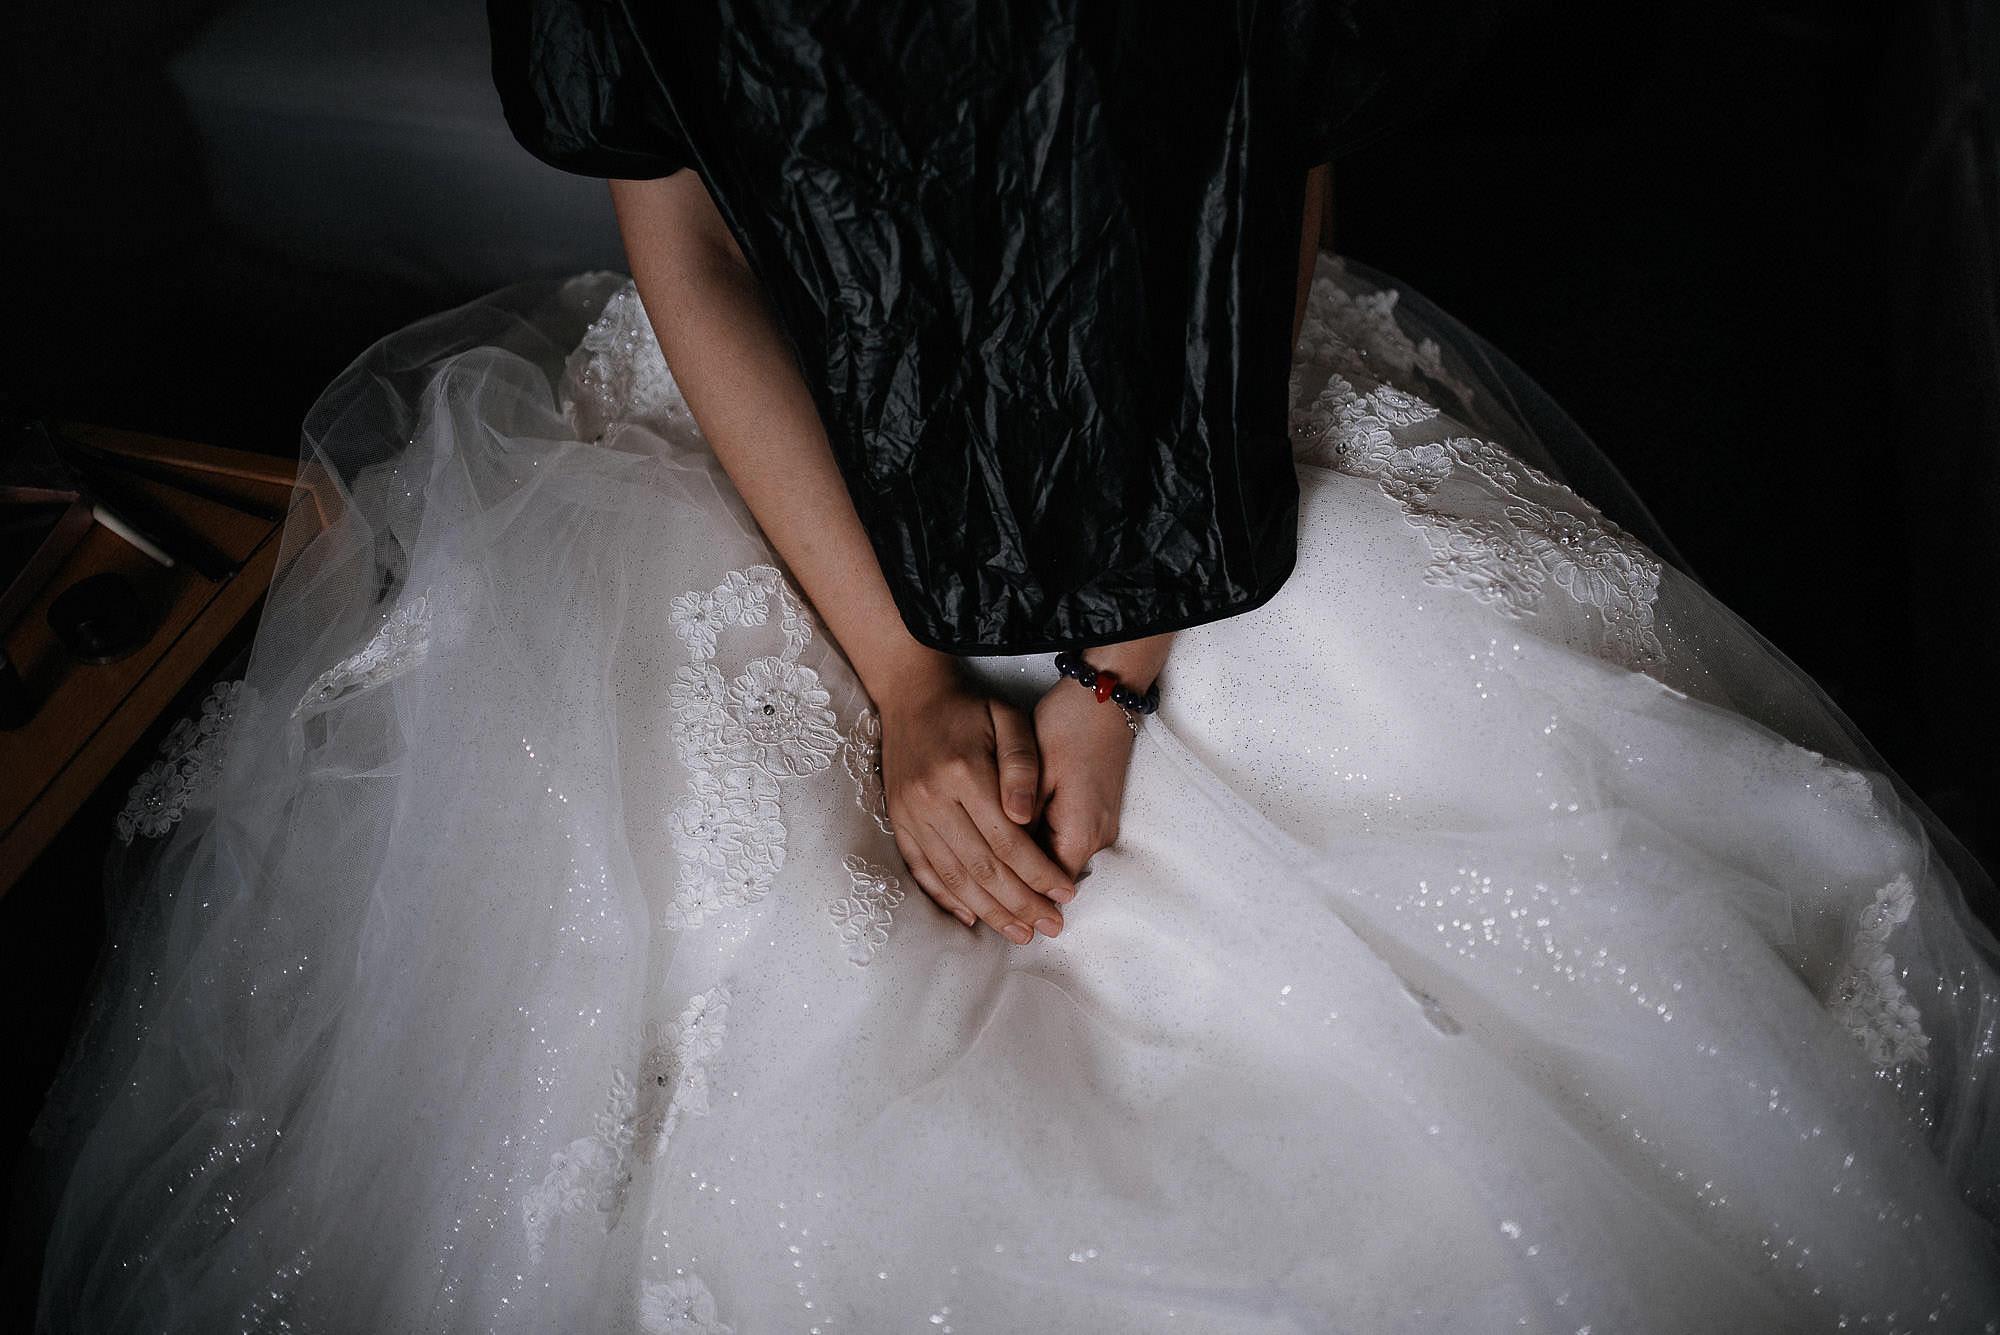 iceland-wedding-photographer_jere-satamo_photography-reykjavik-011.jpg